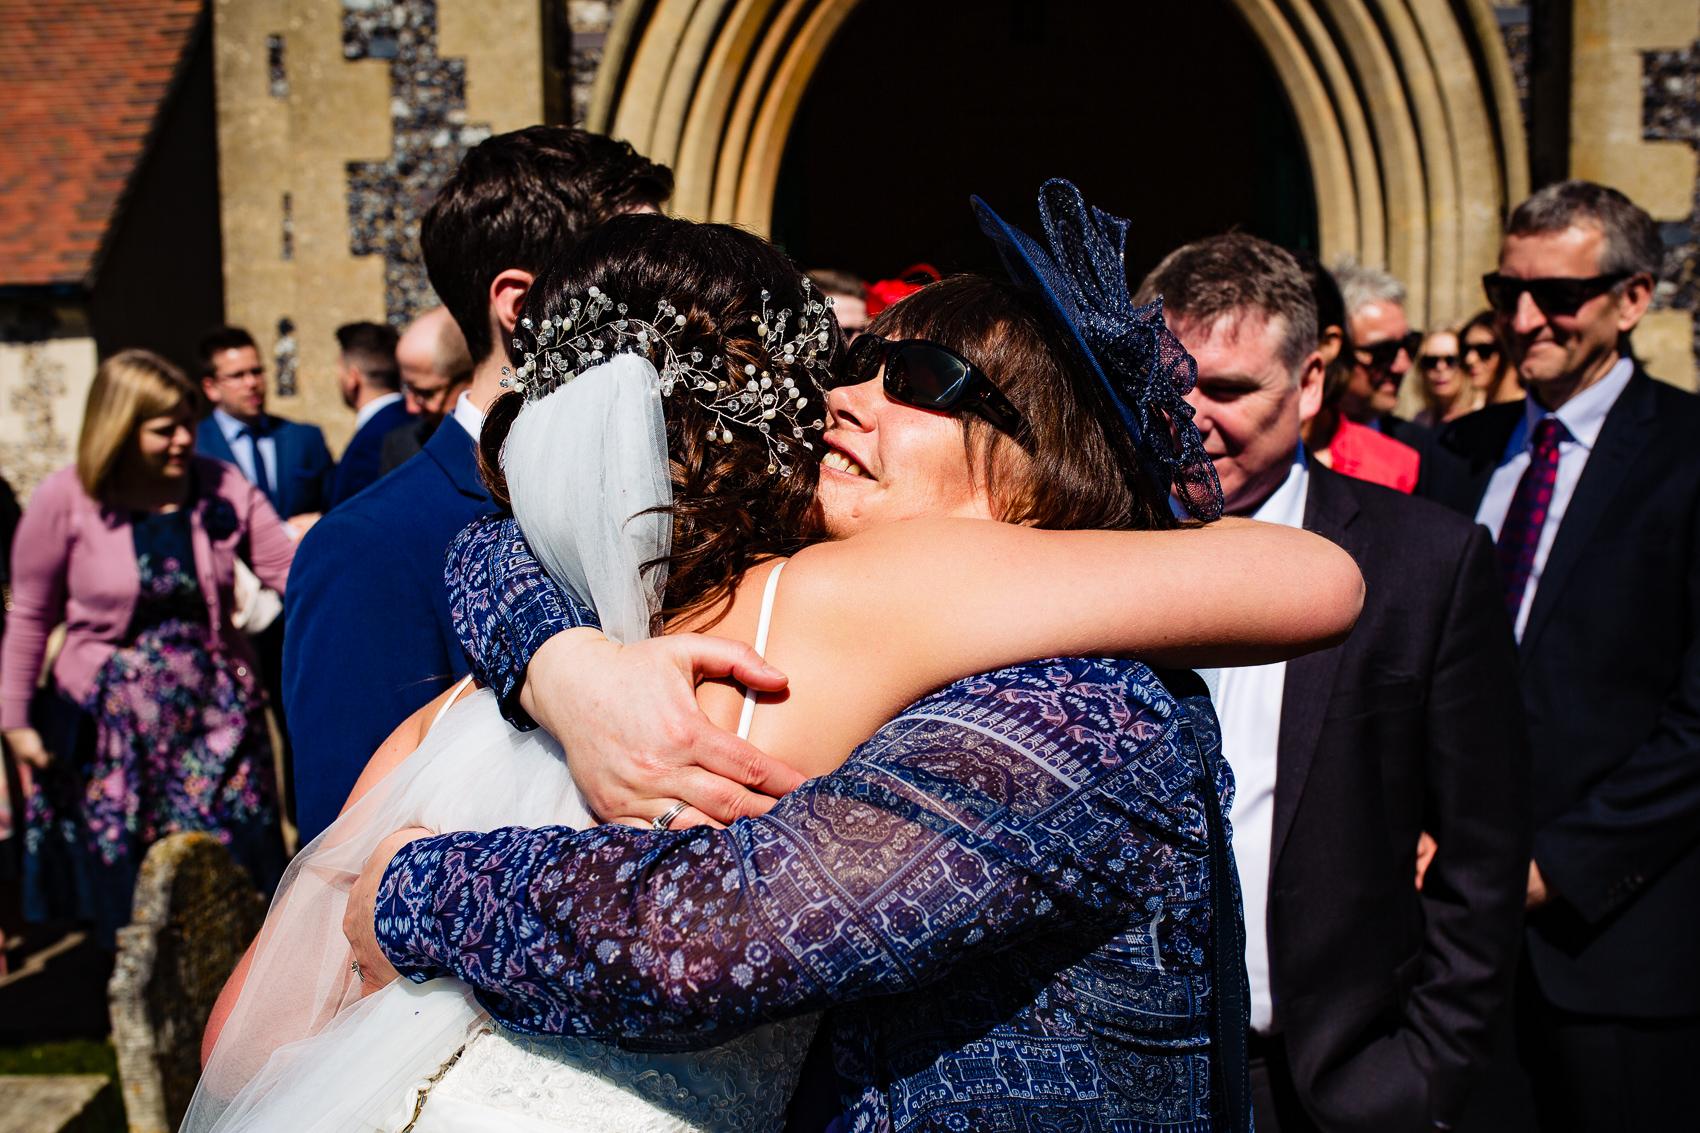 hugging a bride